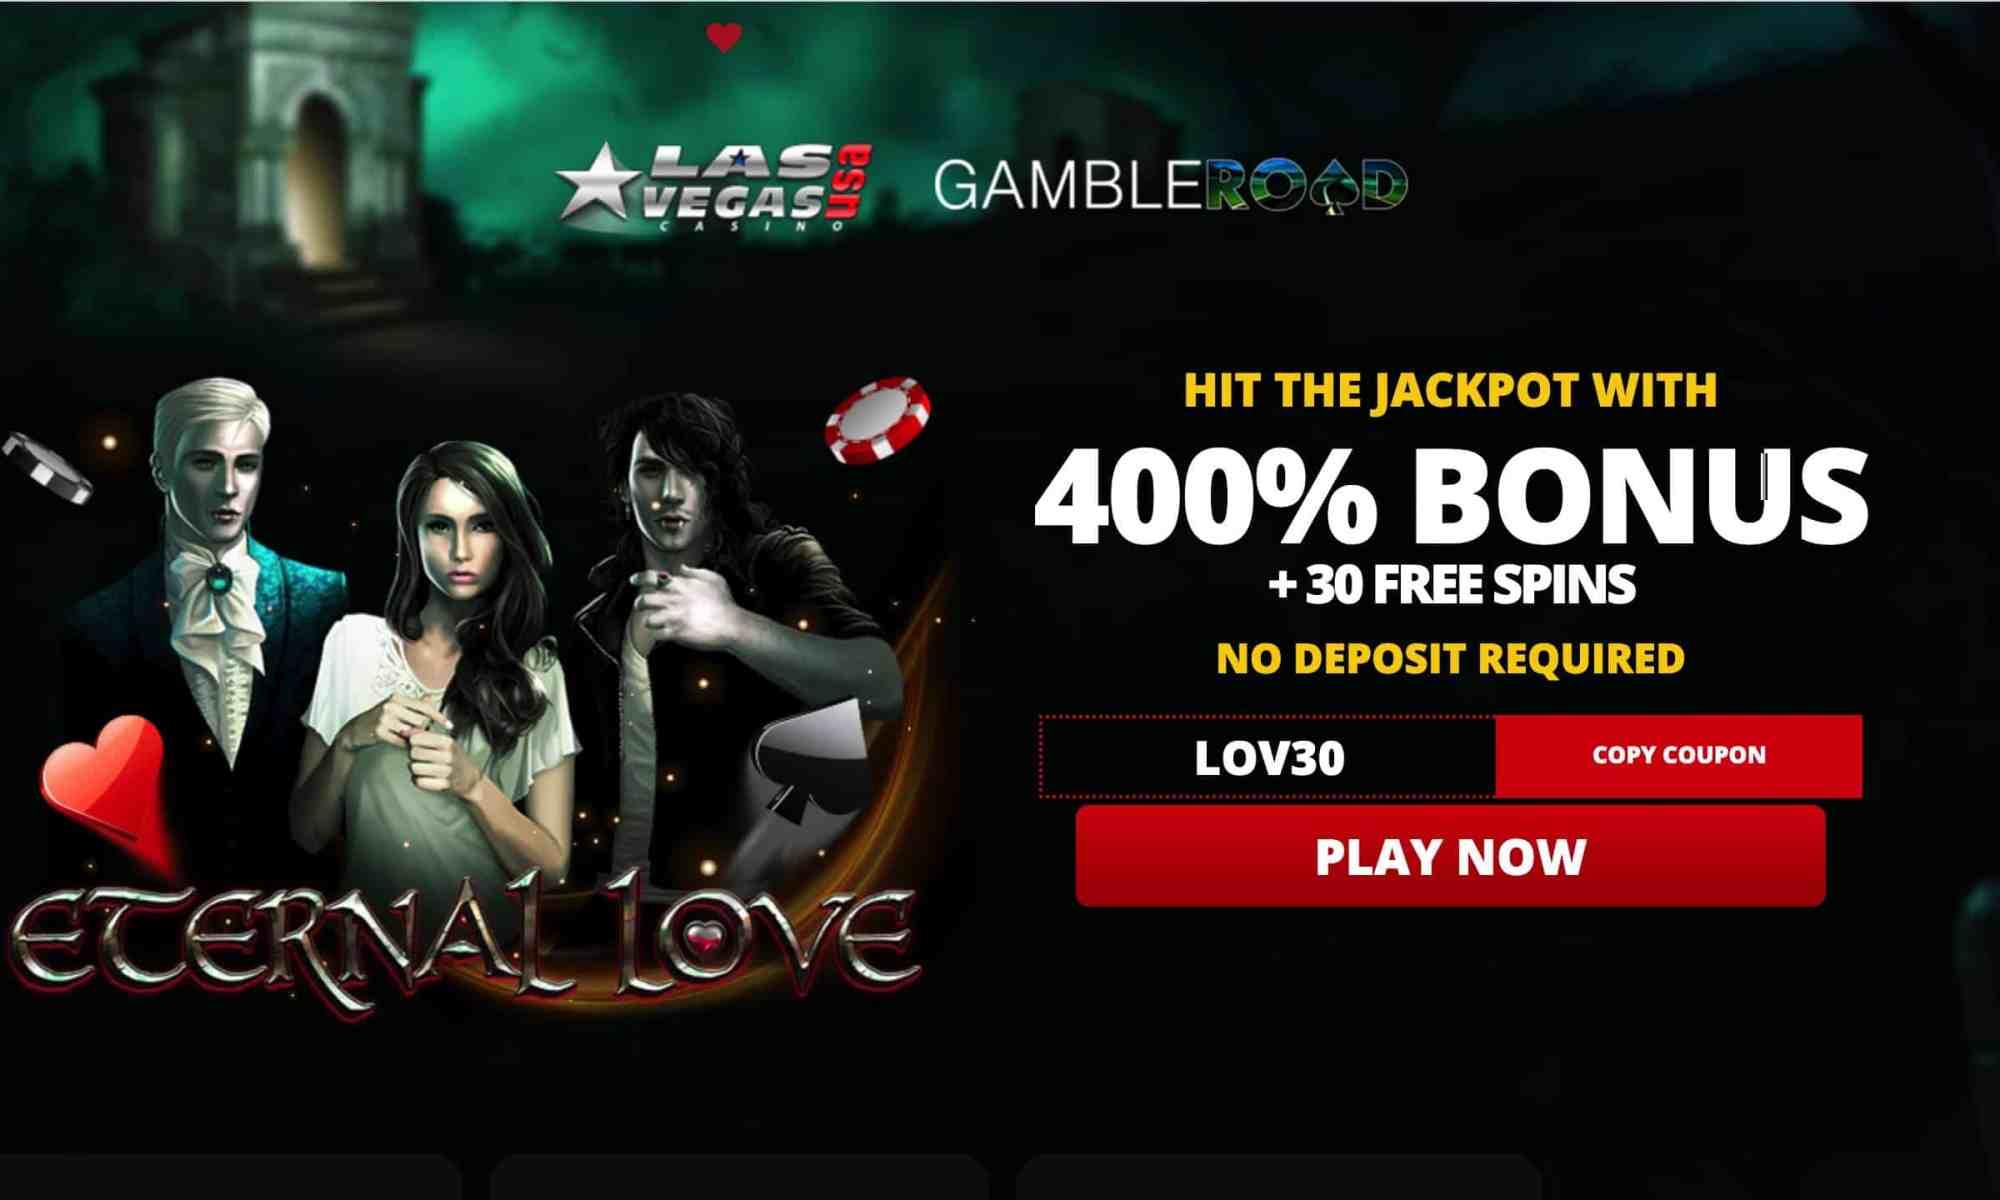 Las Vegas USA Casino - 30 free spins plus 400% bonus